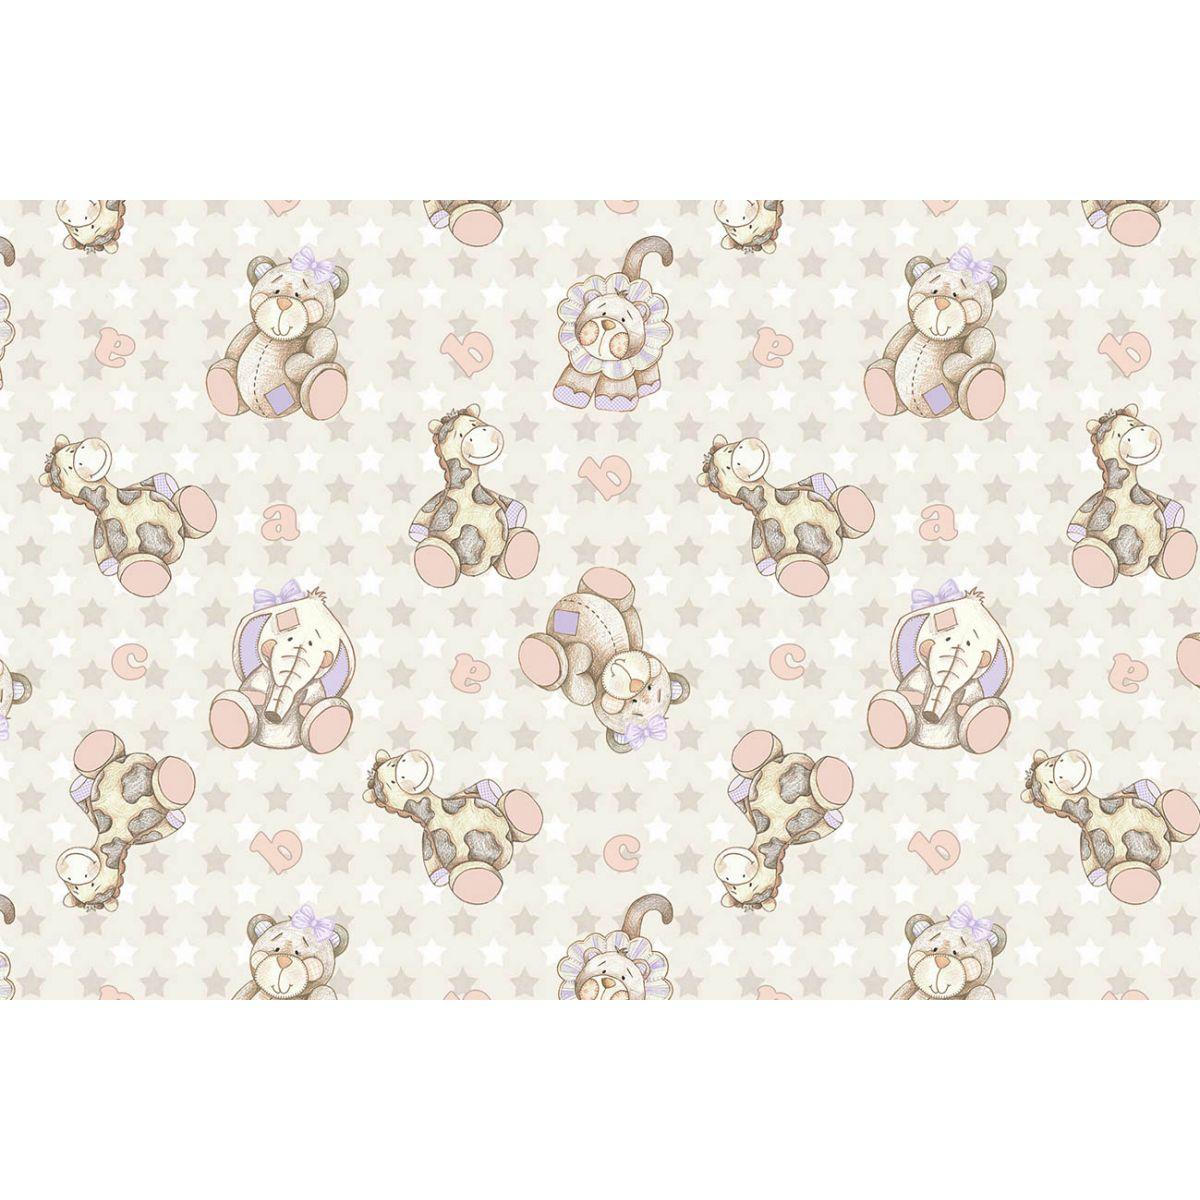 Tecido Digital Bichos Safari Girl  - Tecidos Digitais